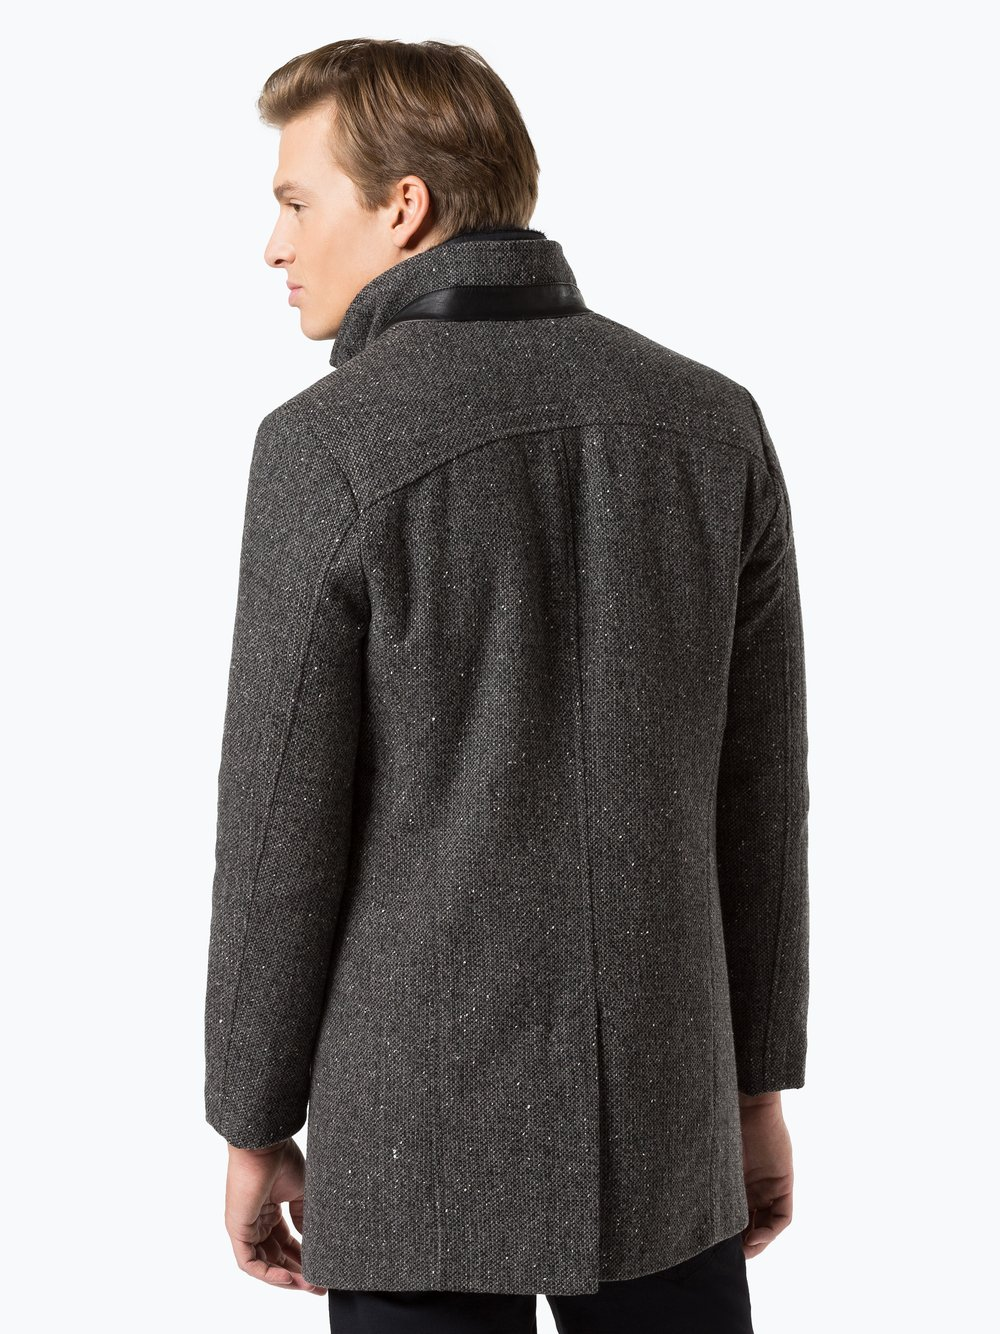 am besten bewerteten neuesten kaufen rationelle Konstruktion Finshley & Harding Herren Mantel - Black Label online kaufen ...